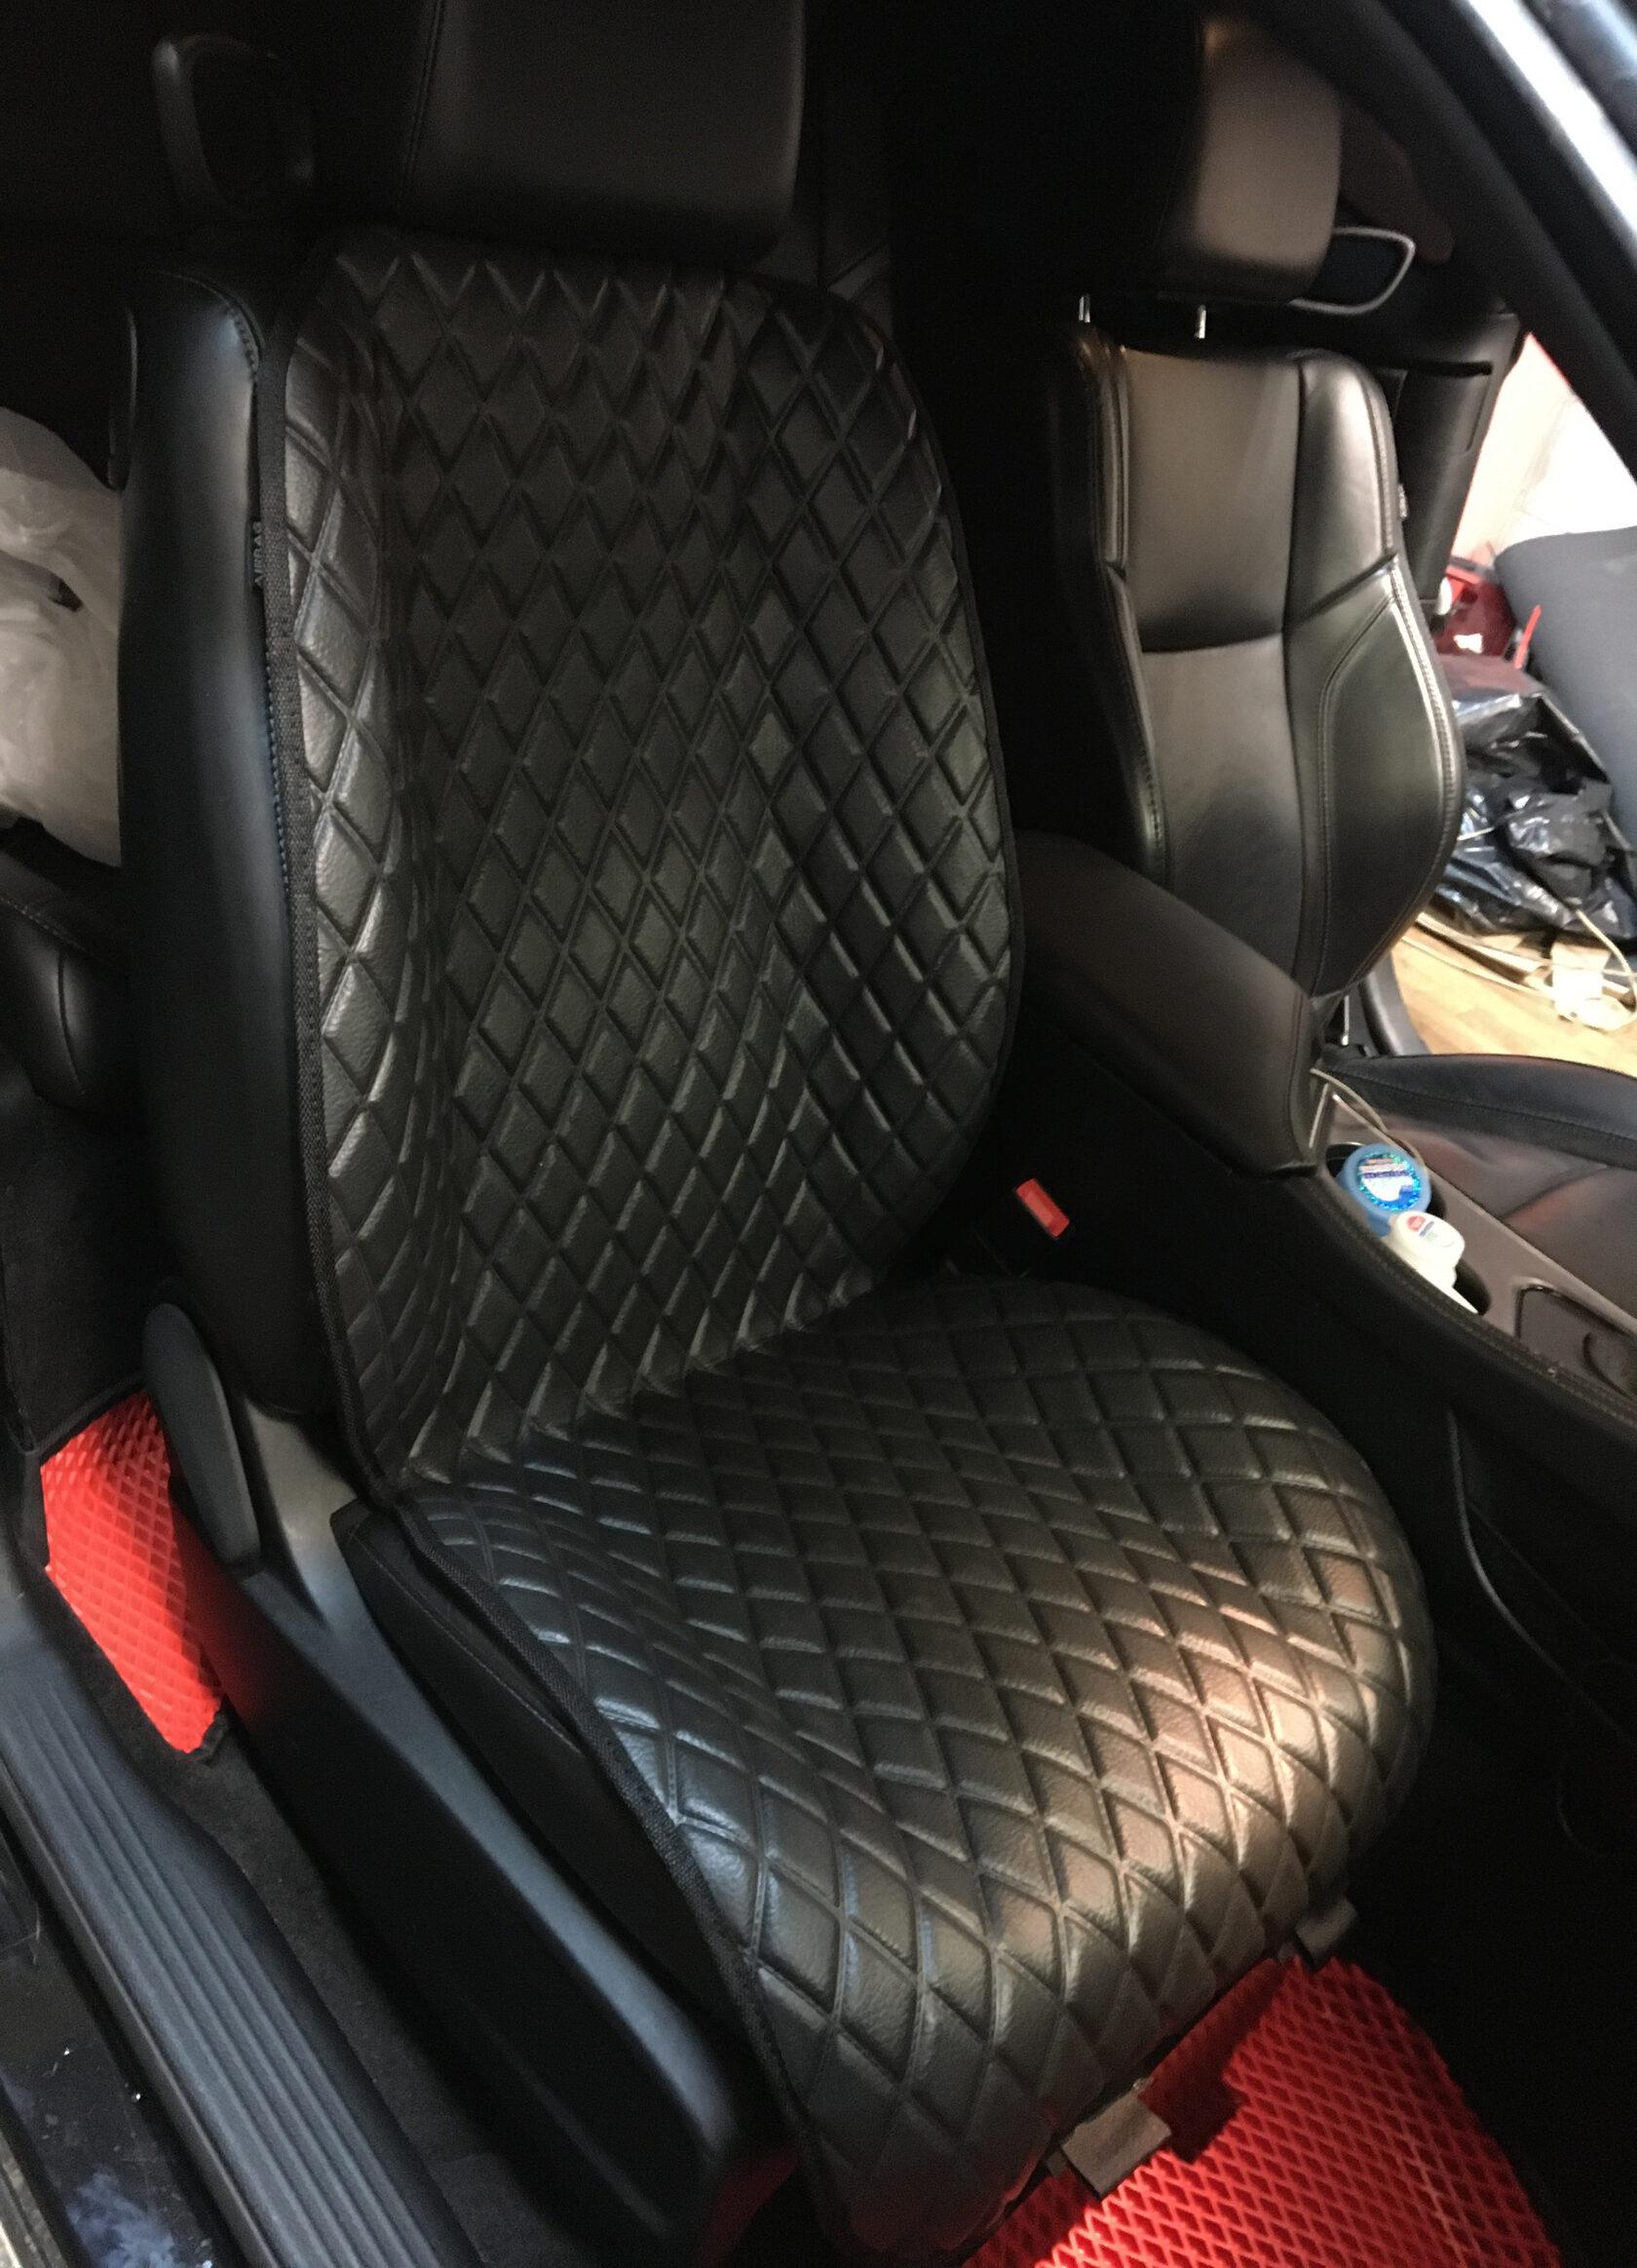 Защитные накидки на лицевую часть сиденья из ЕВА материала(текстура кожа).